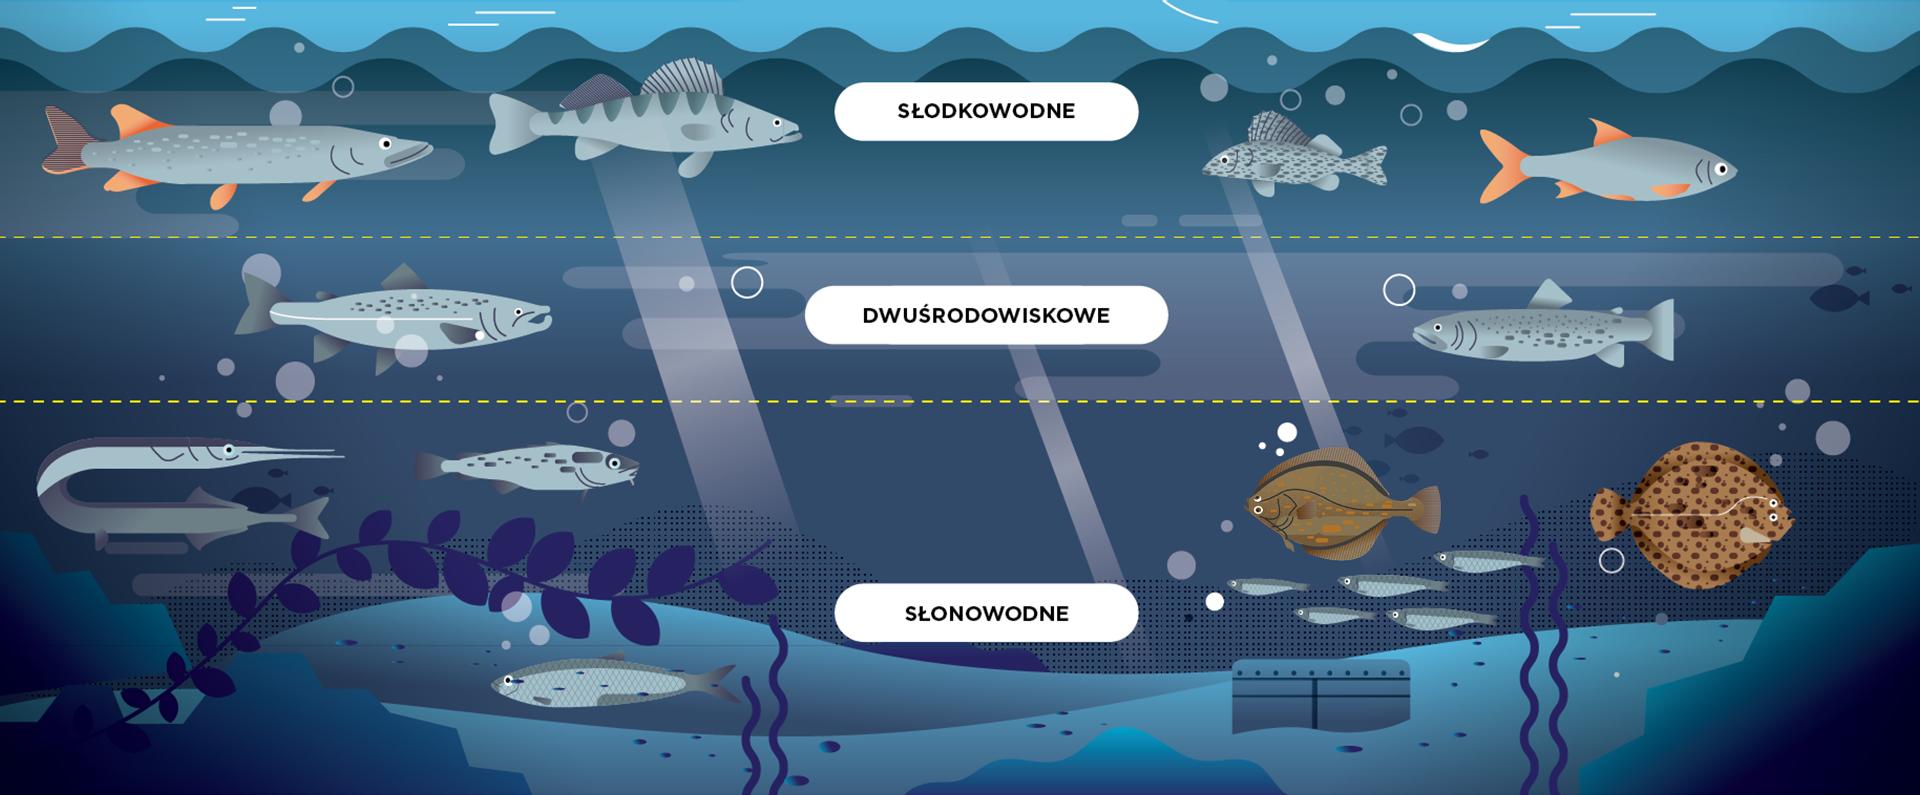 Rodzaje ryb bałtyckich